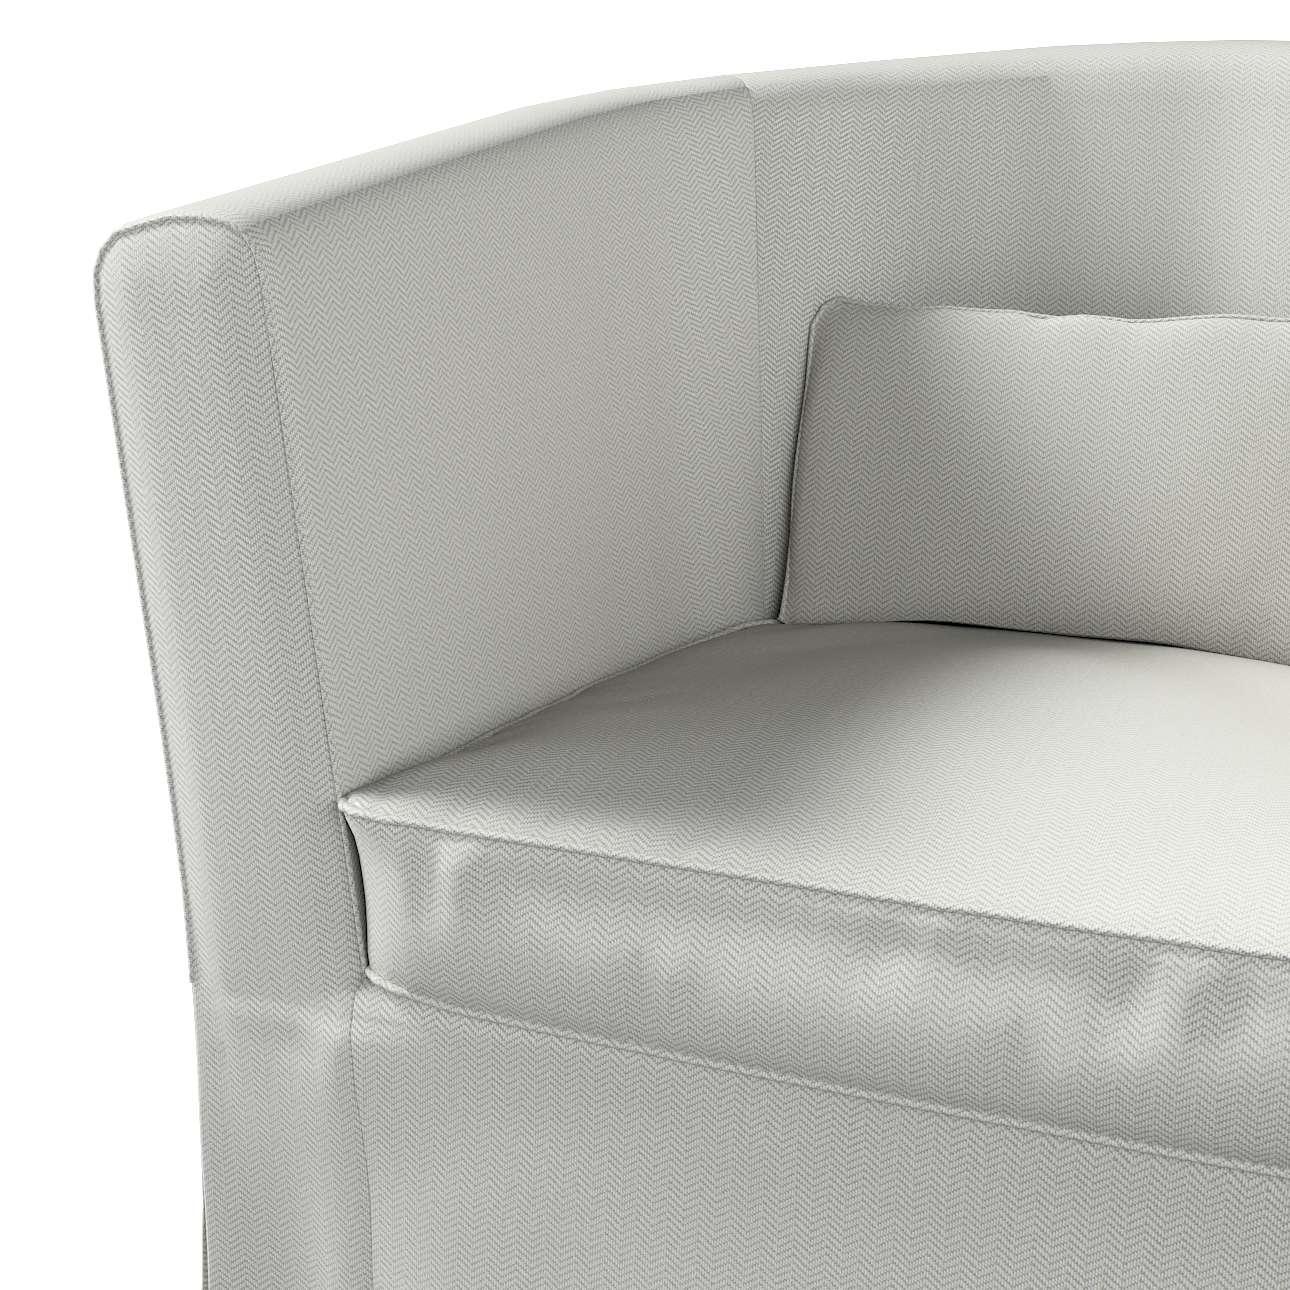 Pokrowiec na fotel Ektorp Tullsta w kolekcji Bergen, tkanina: 161-84